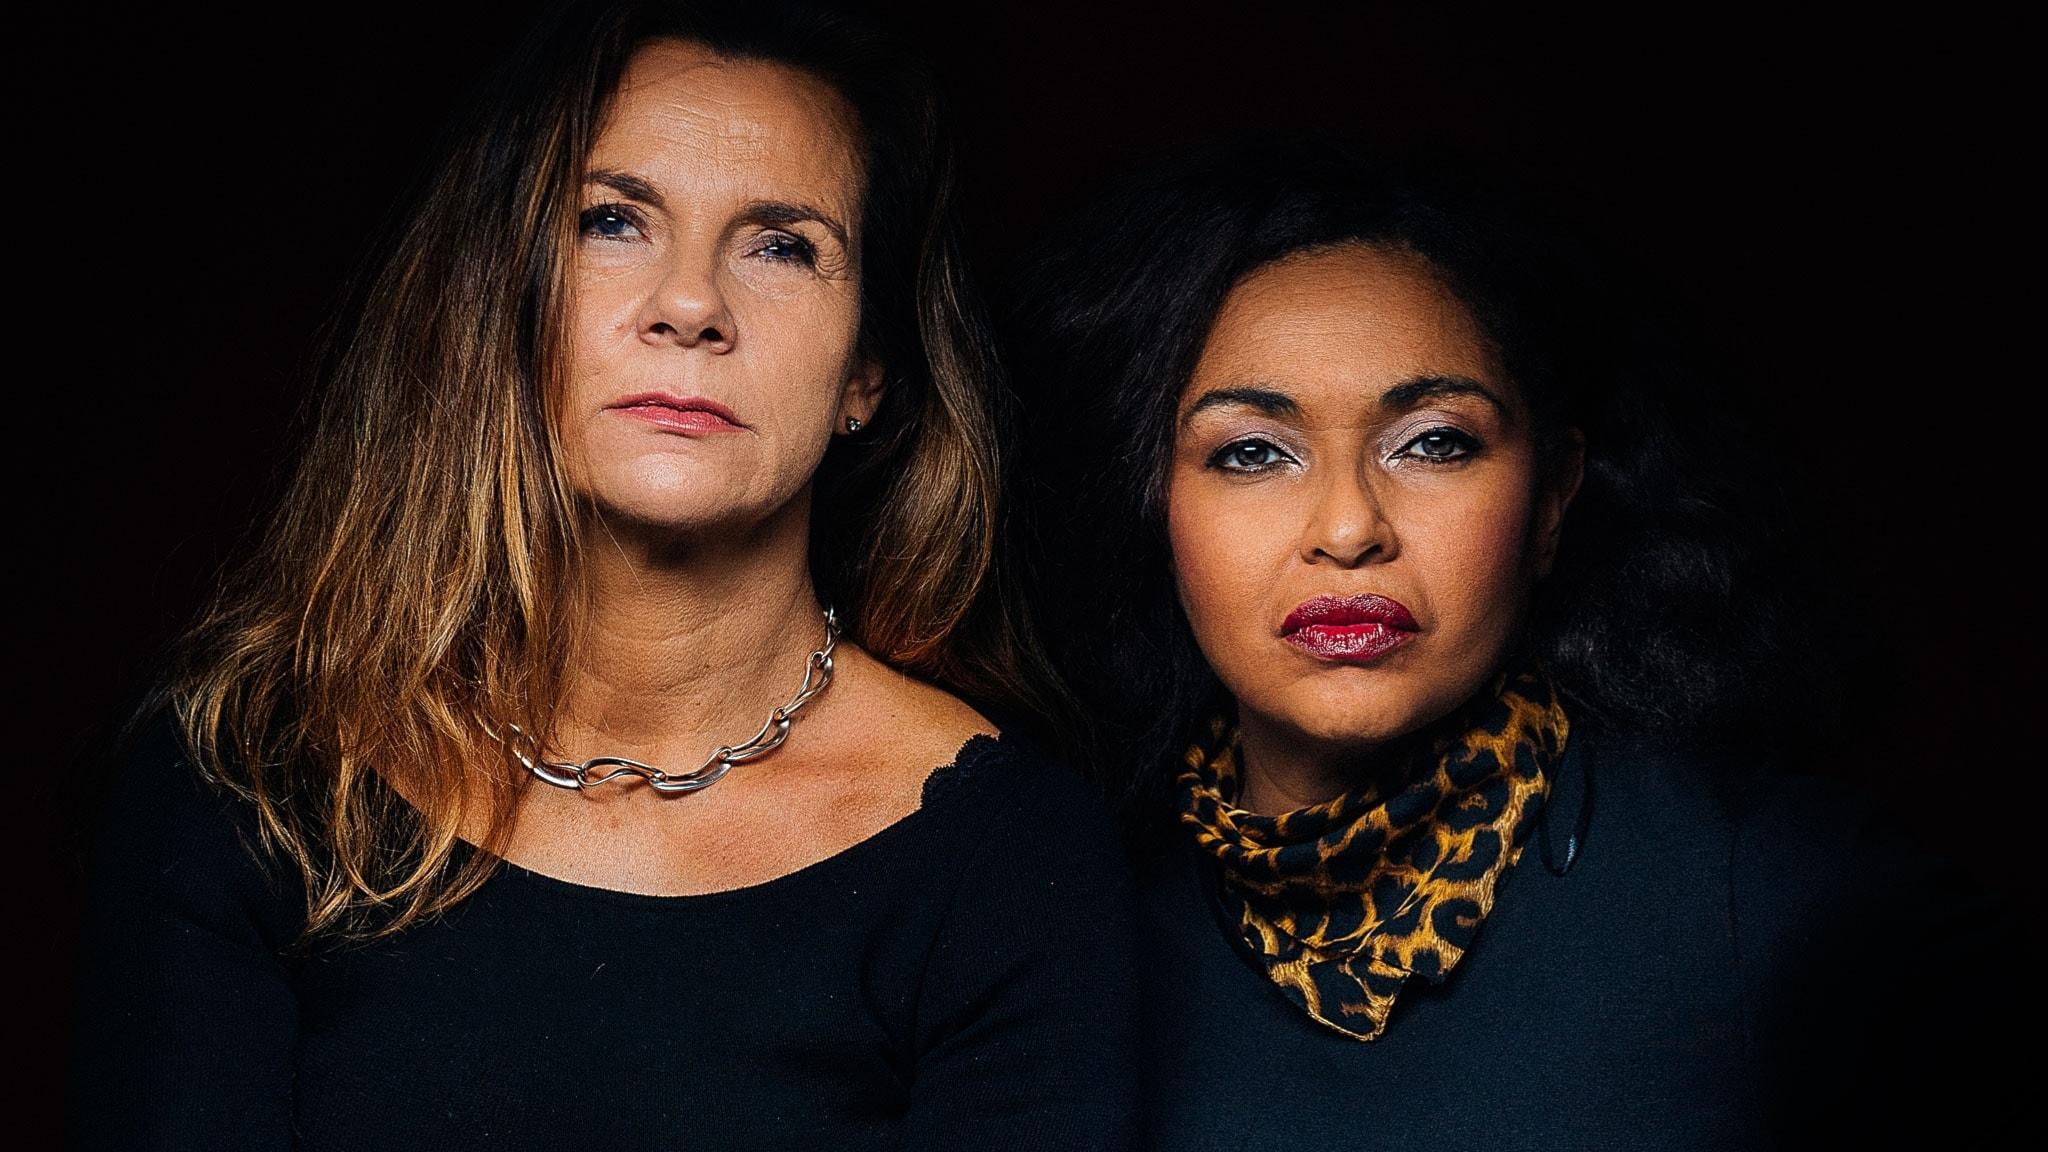 Katarina Hahr möter artisten Camilla Henemark i ett samtal om avund